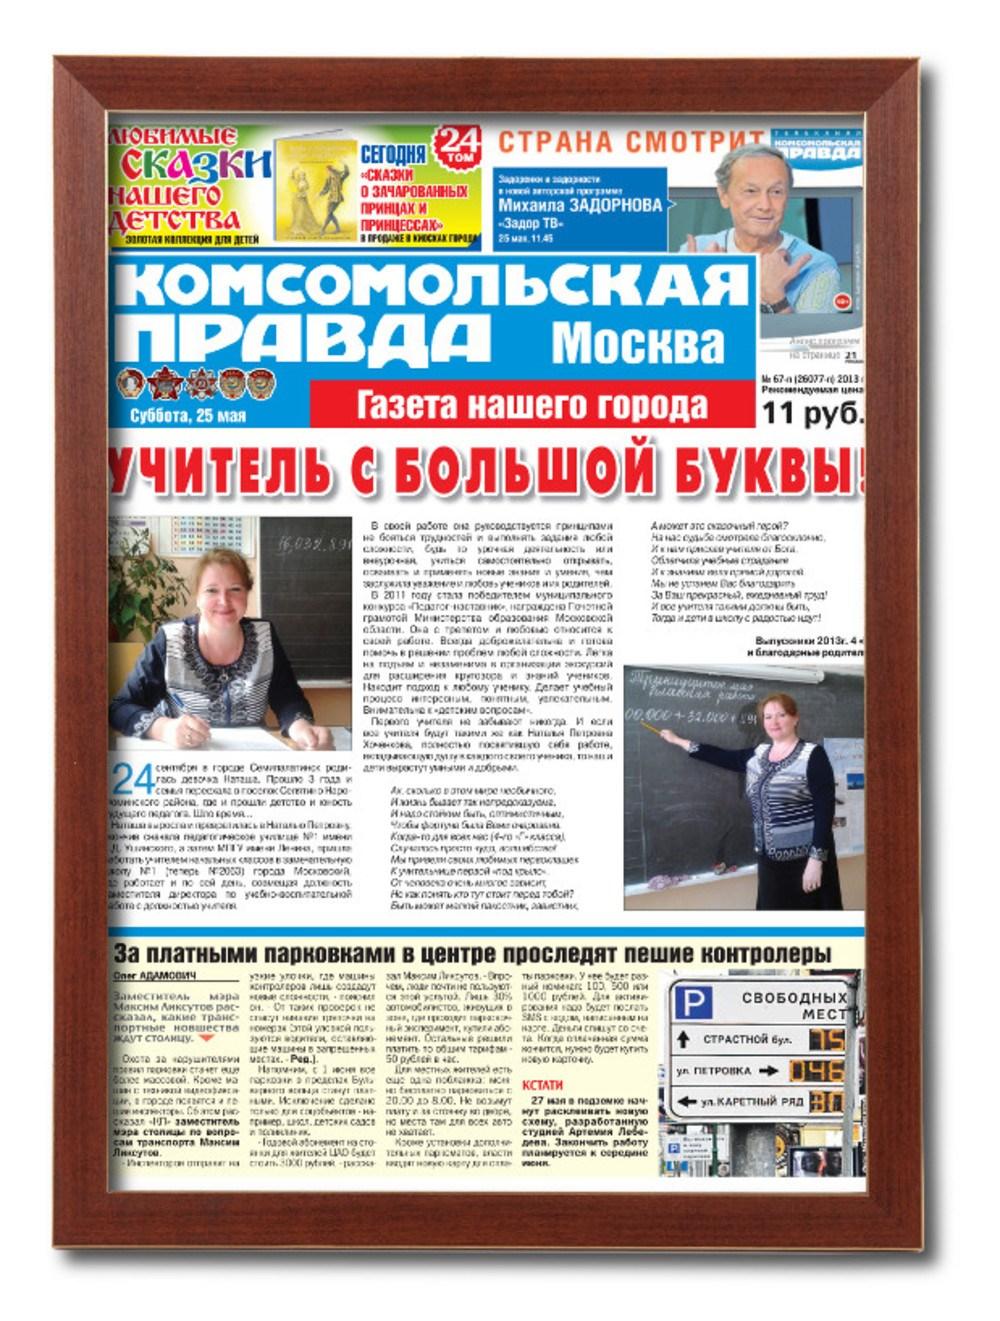 вера религия поздравления сельской газете больших